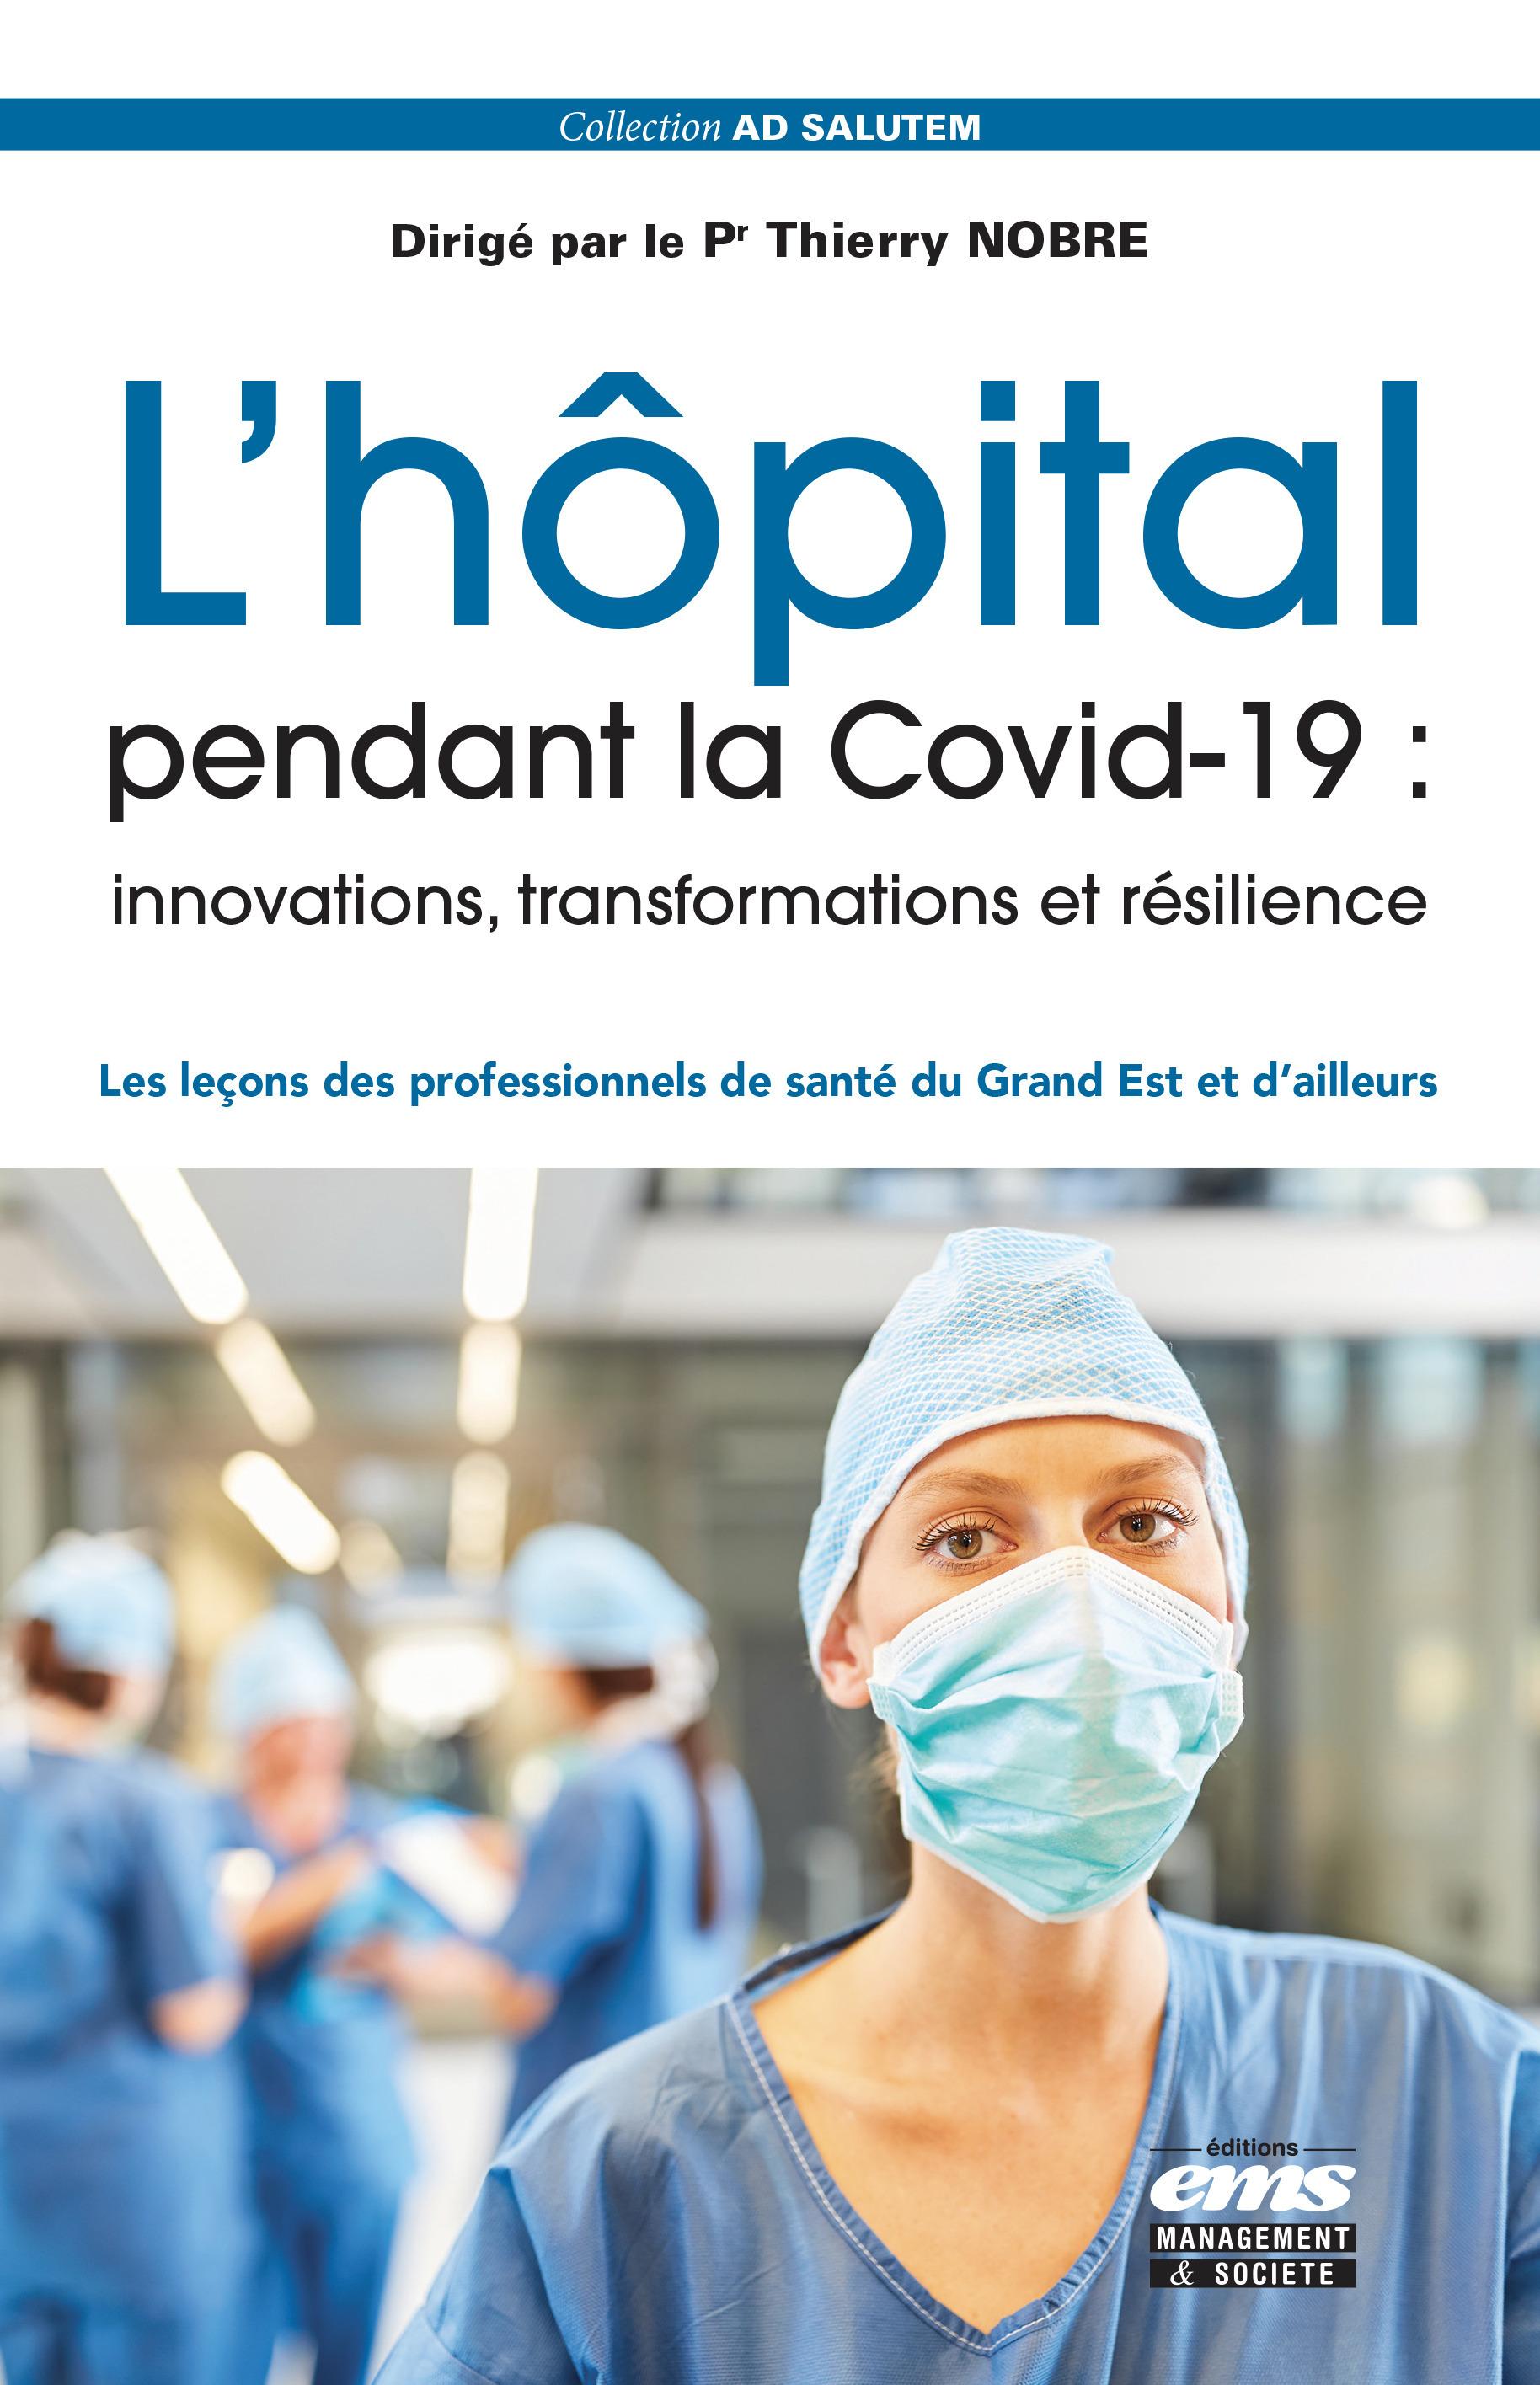 L'hôpital pendant la Covid-19 : innovations, transformations et résilience